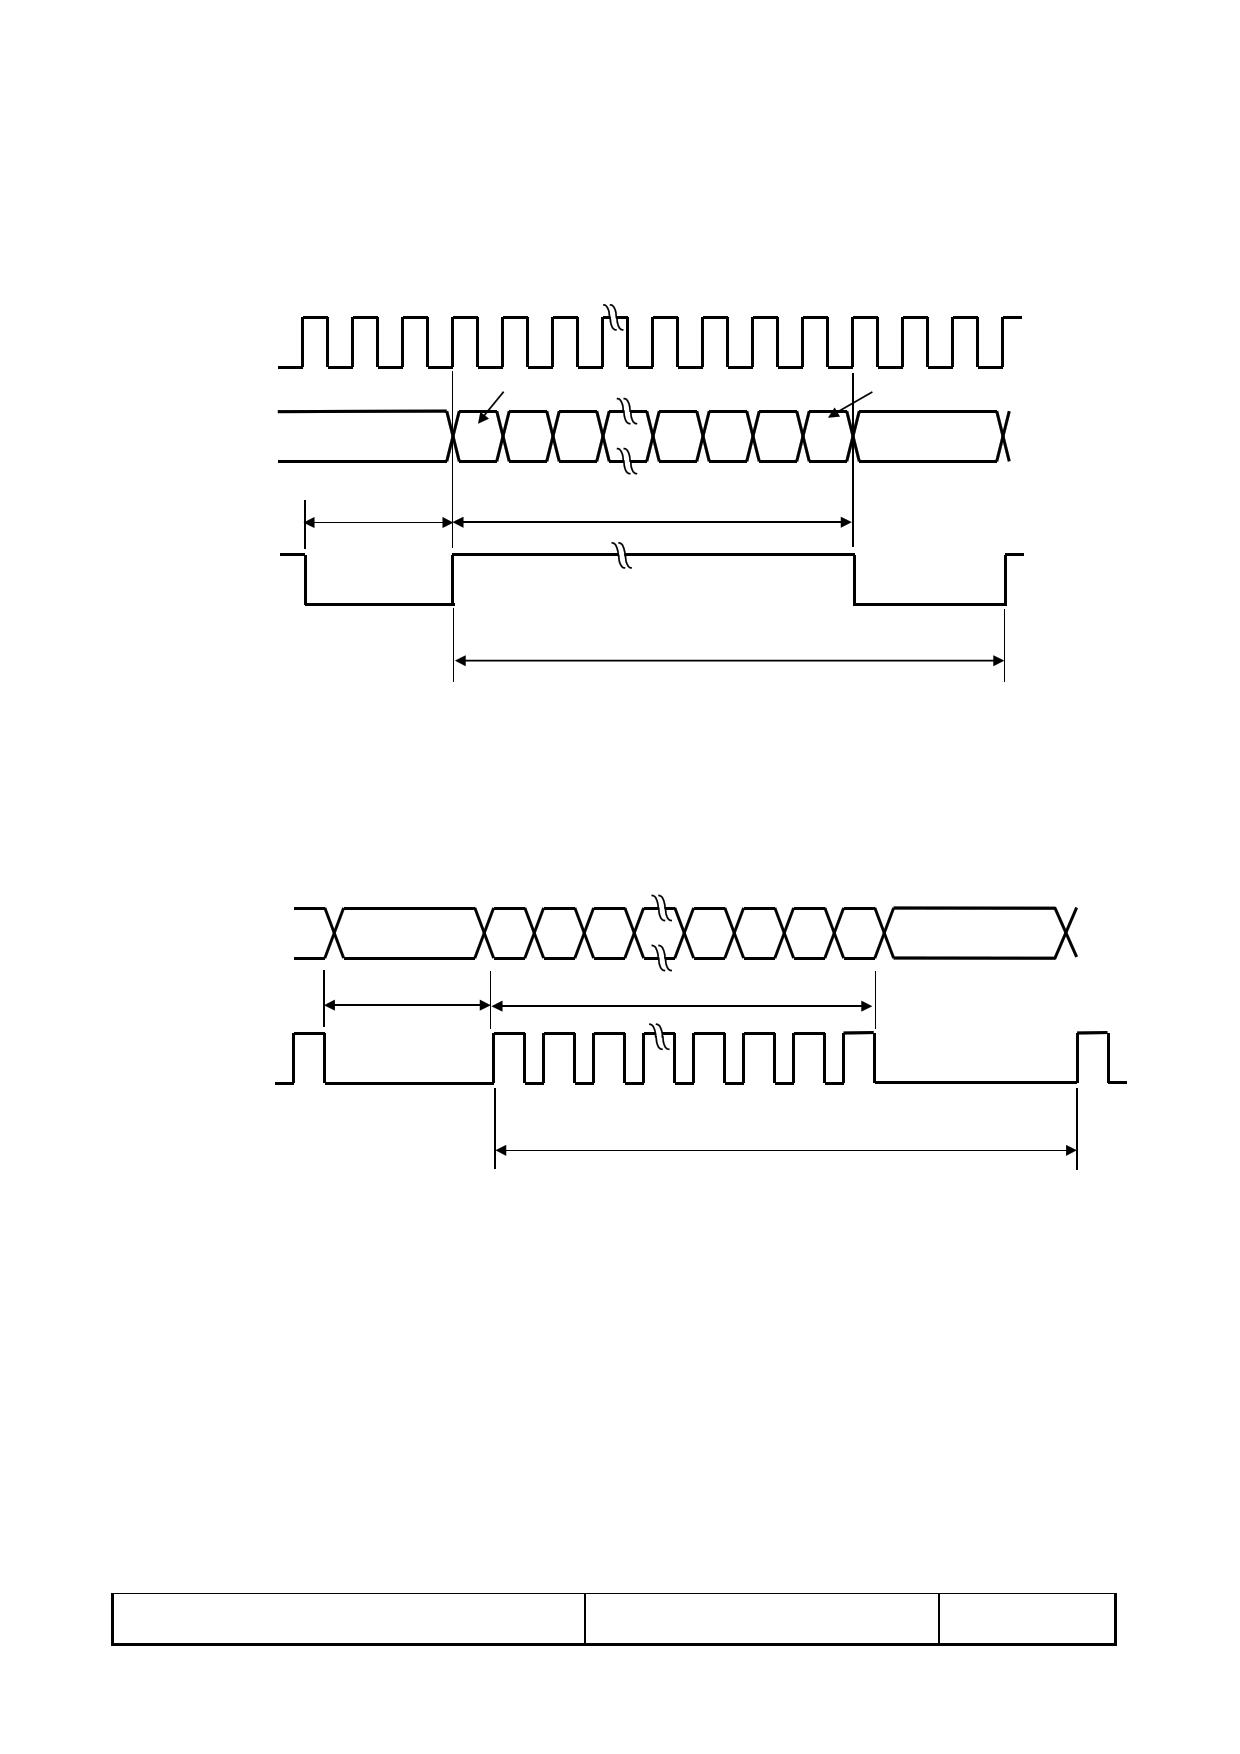 T-52017D121J-FW-A-AAN arduino